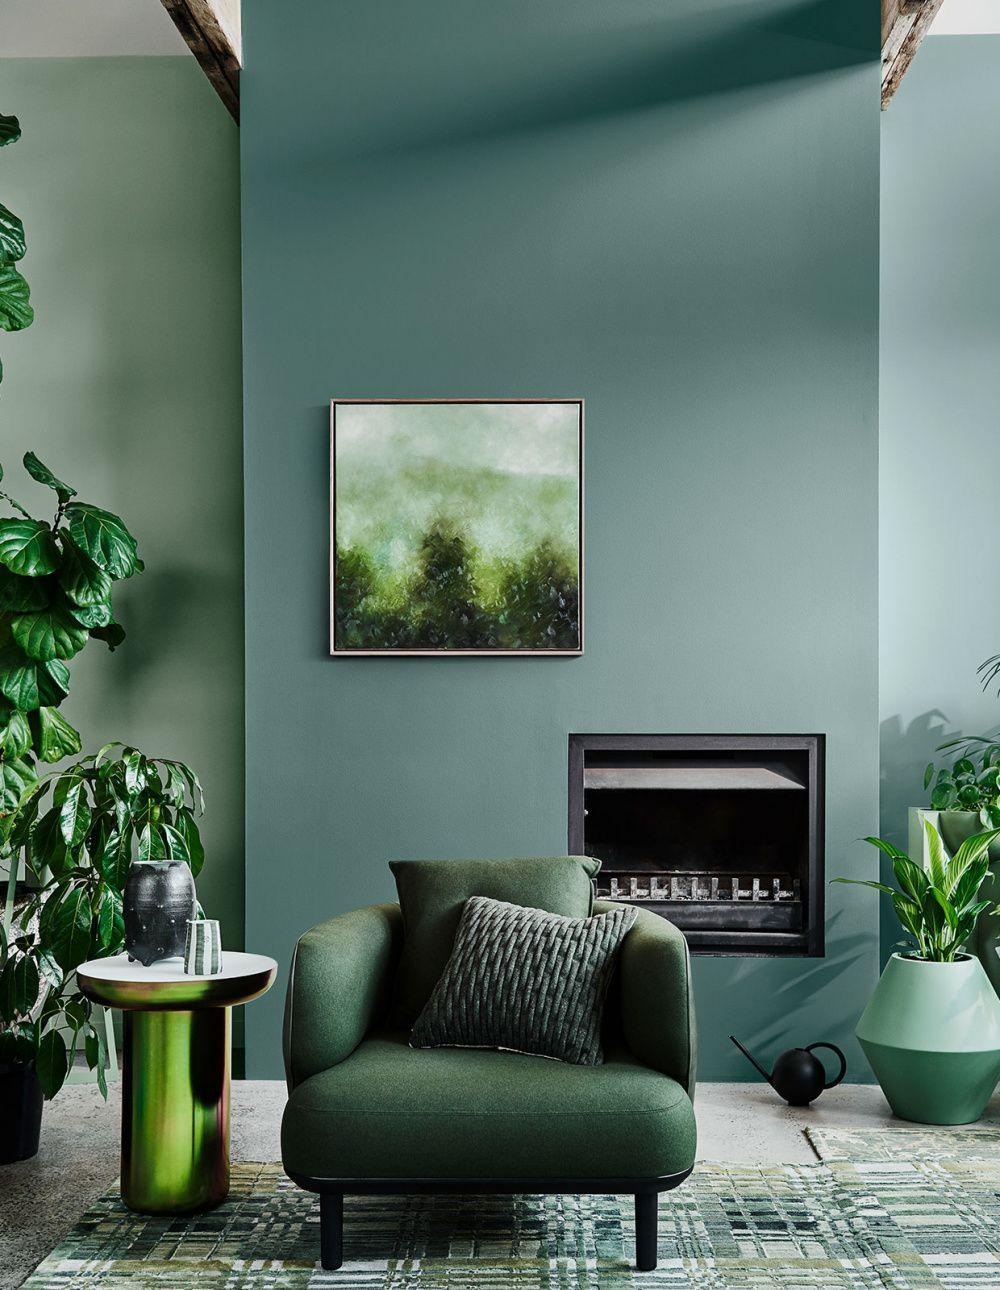 Living Room Paint Ideas 2020